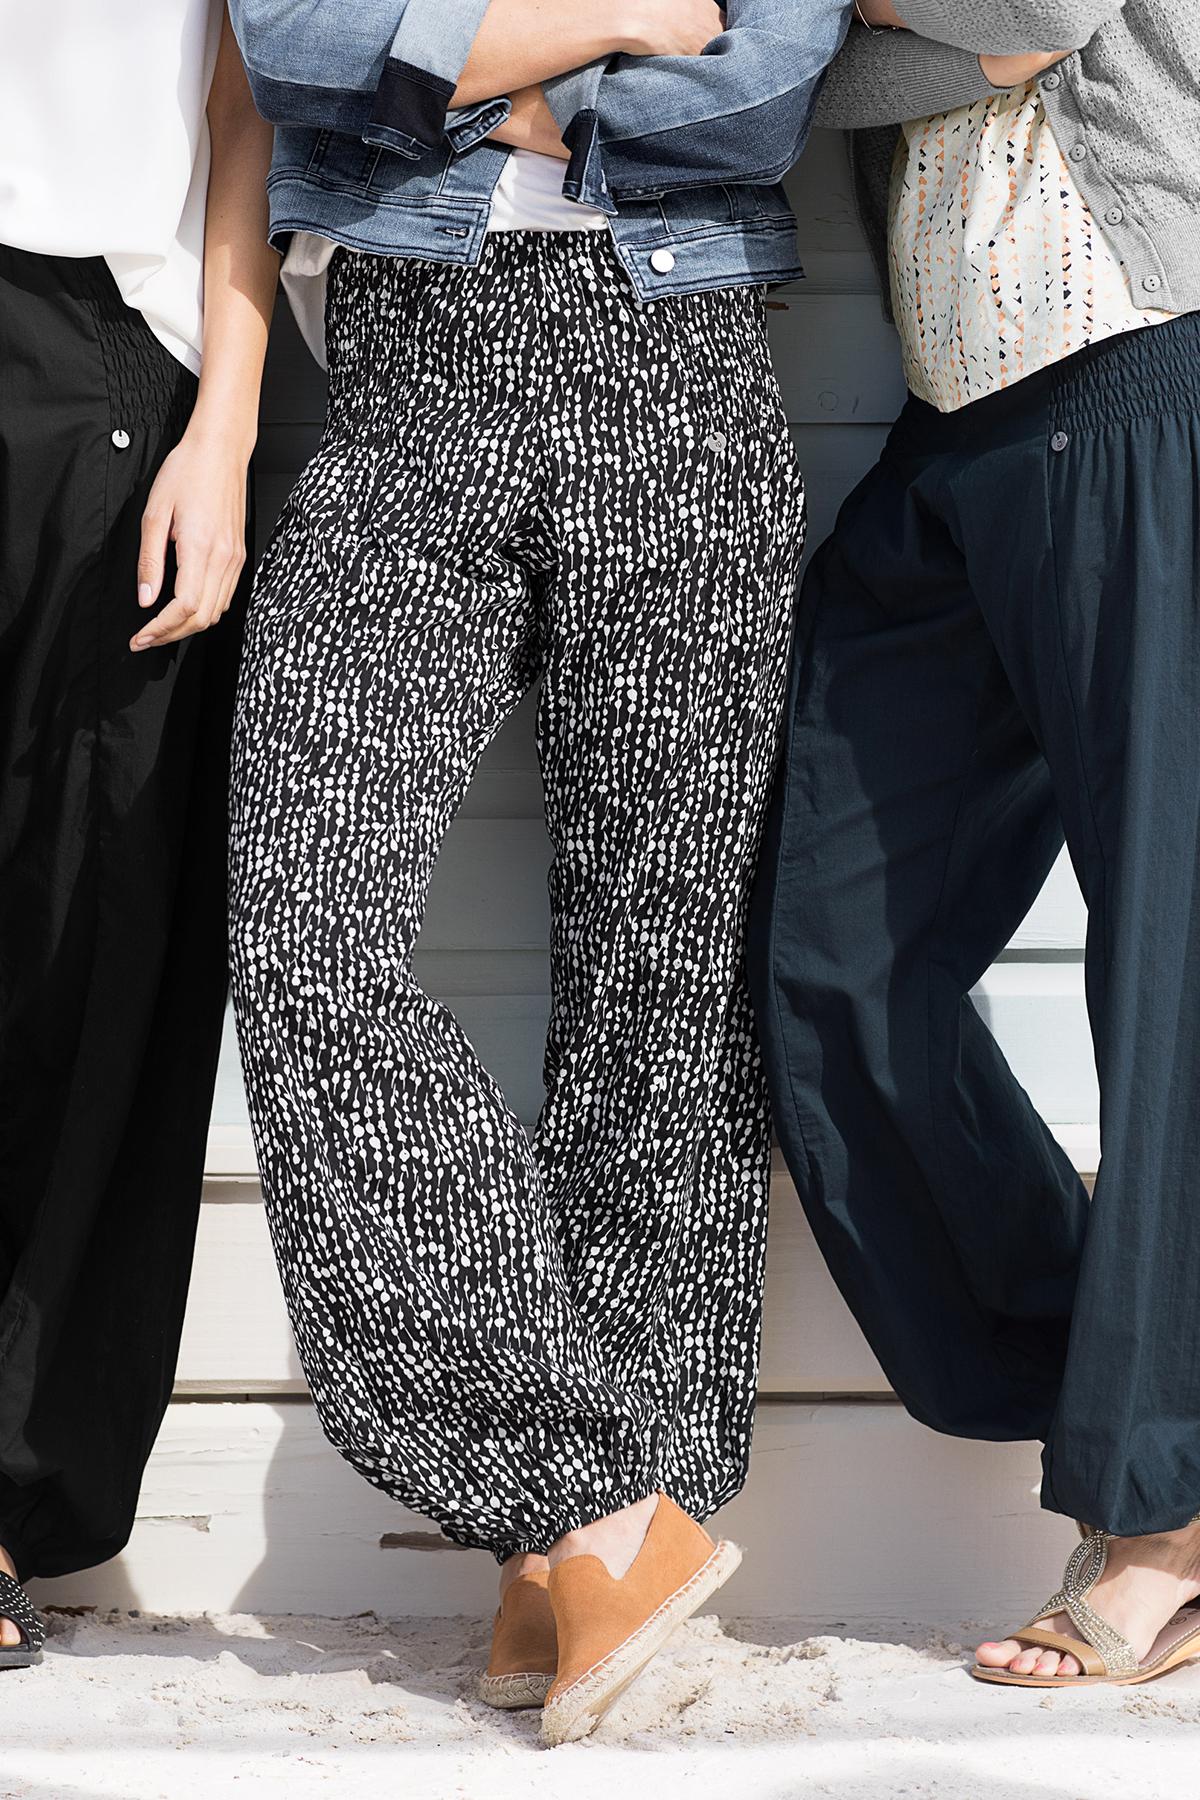 Svart/vit Byxor från Pulz Jeans – Köp Svart/vit Byxor från stl. XS-XXL här